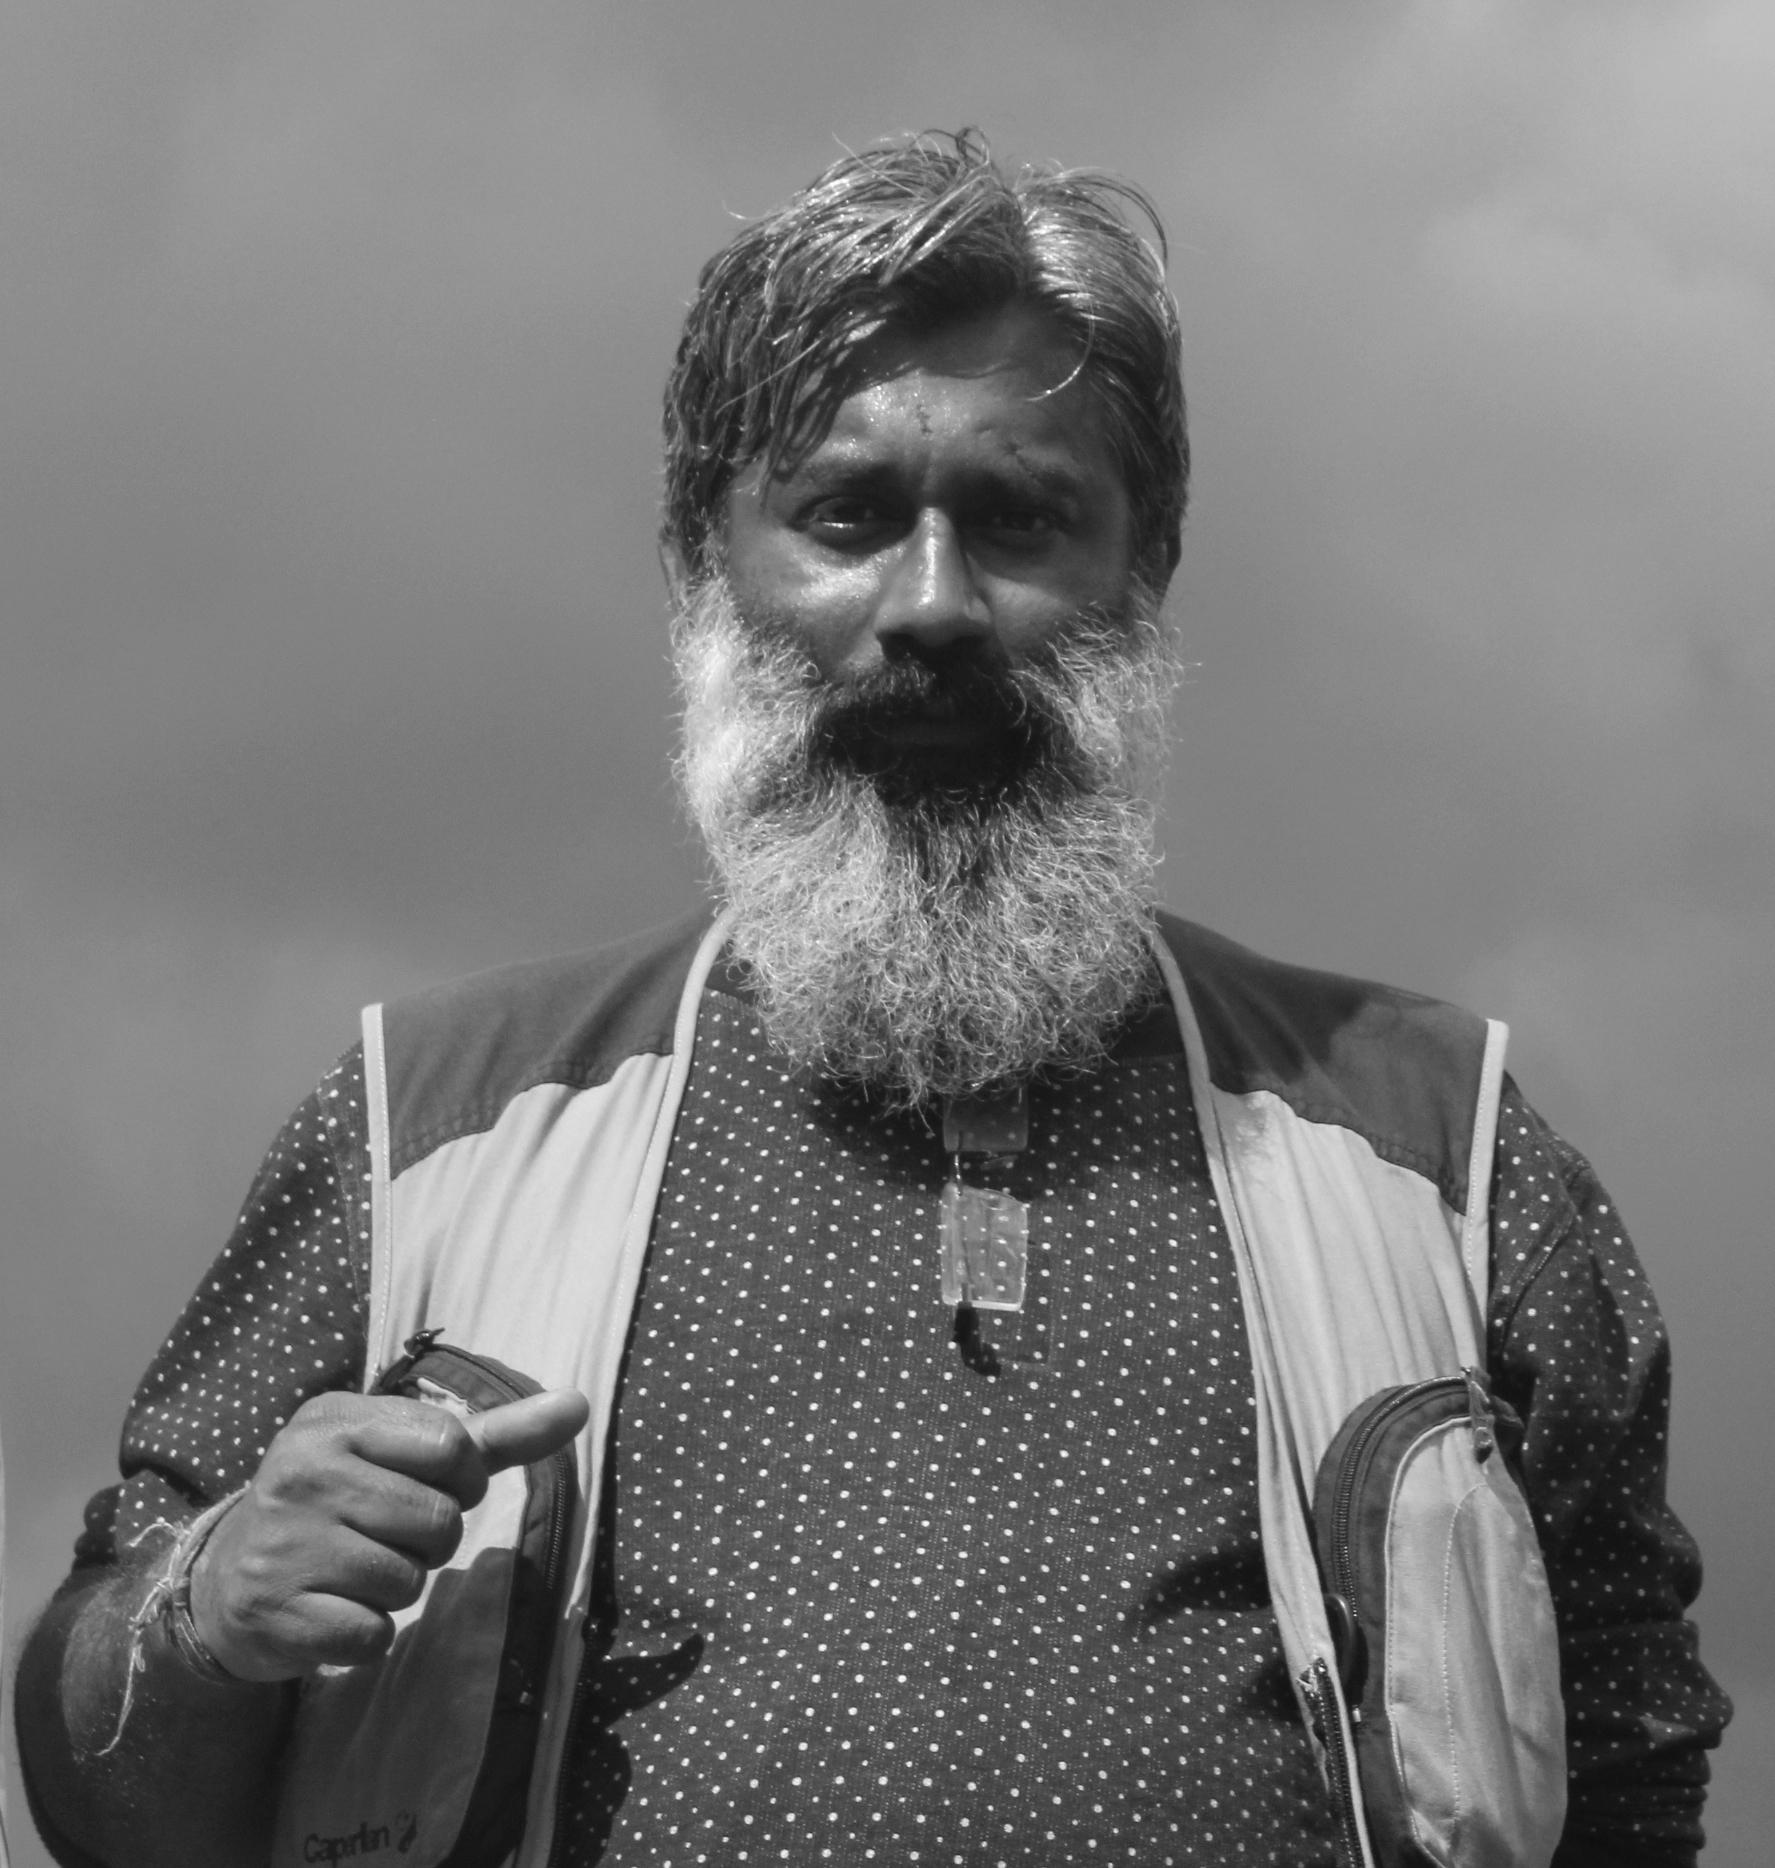 Biswaroop Bhattacharjee